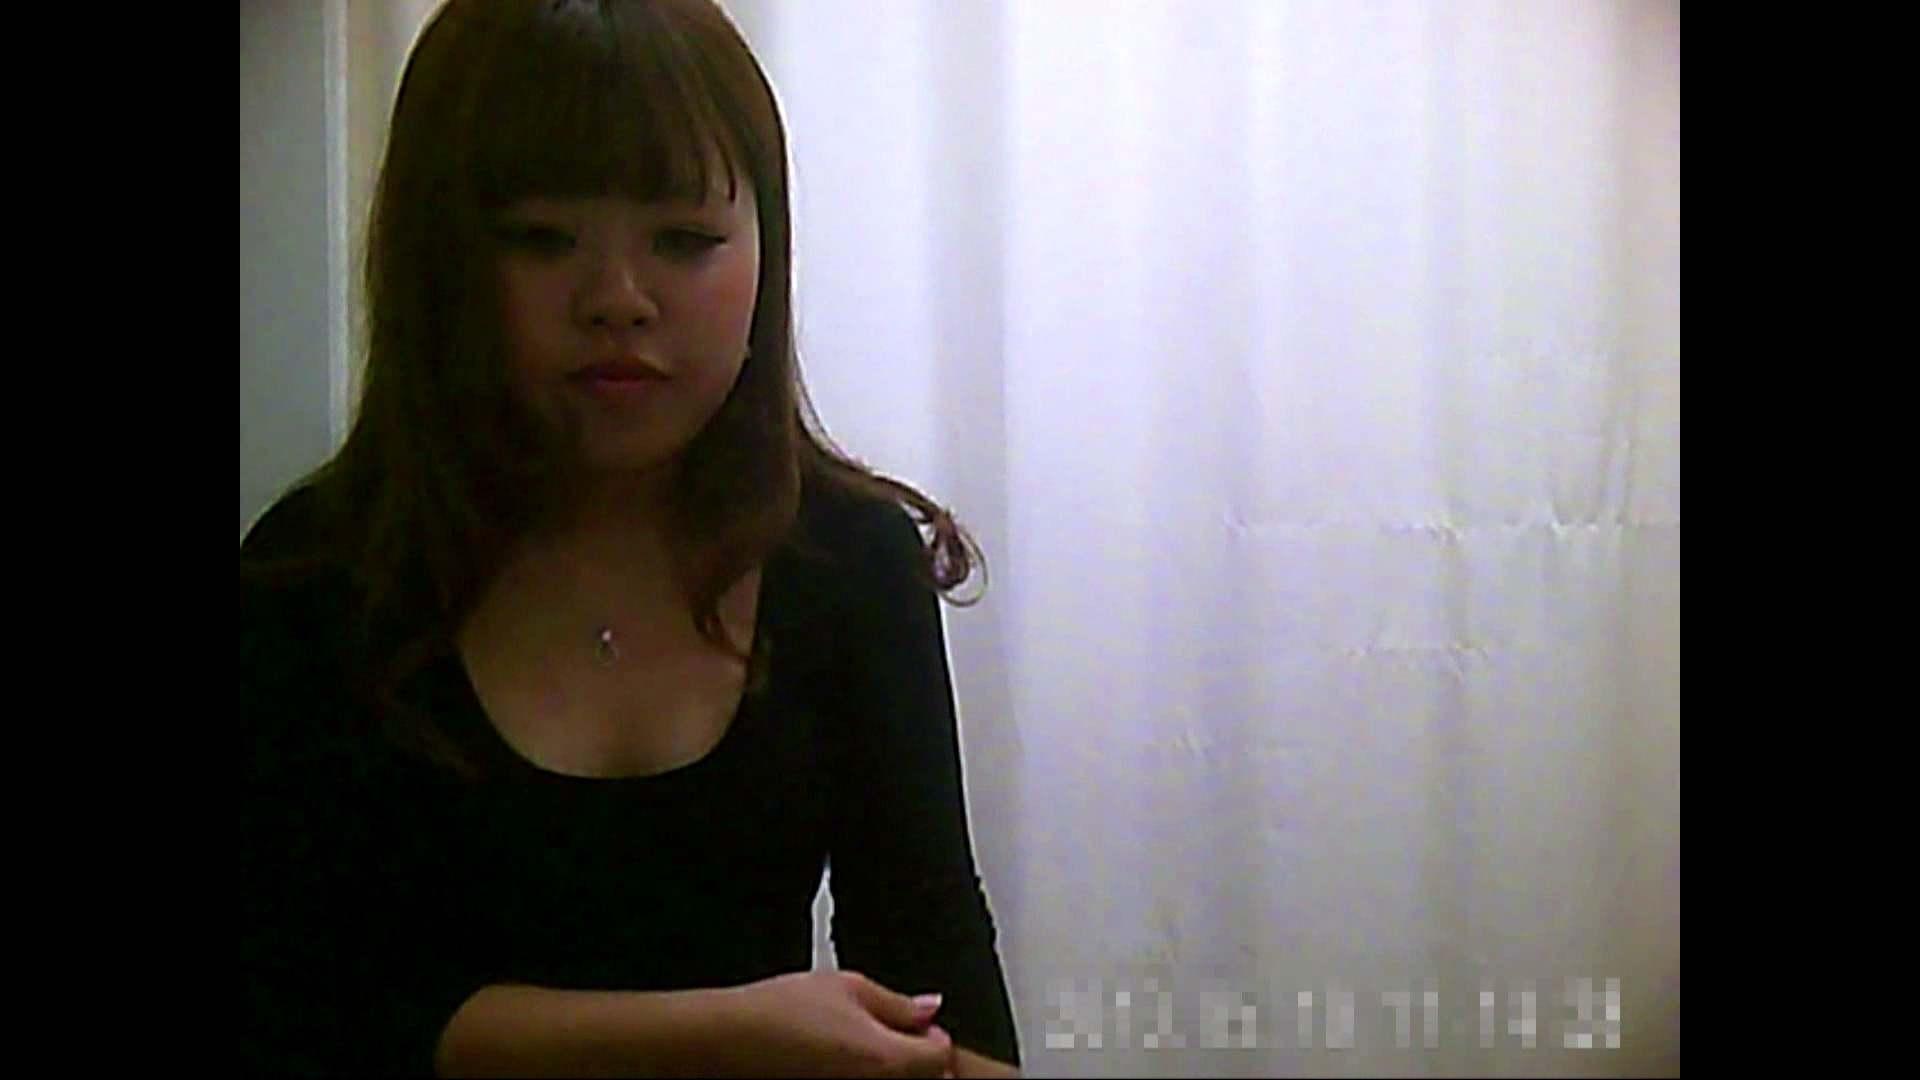 病院おもいっきり着替え! vol.210 盗撮 ワレメ無修正動画無料 109PIX 101